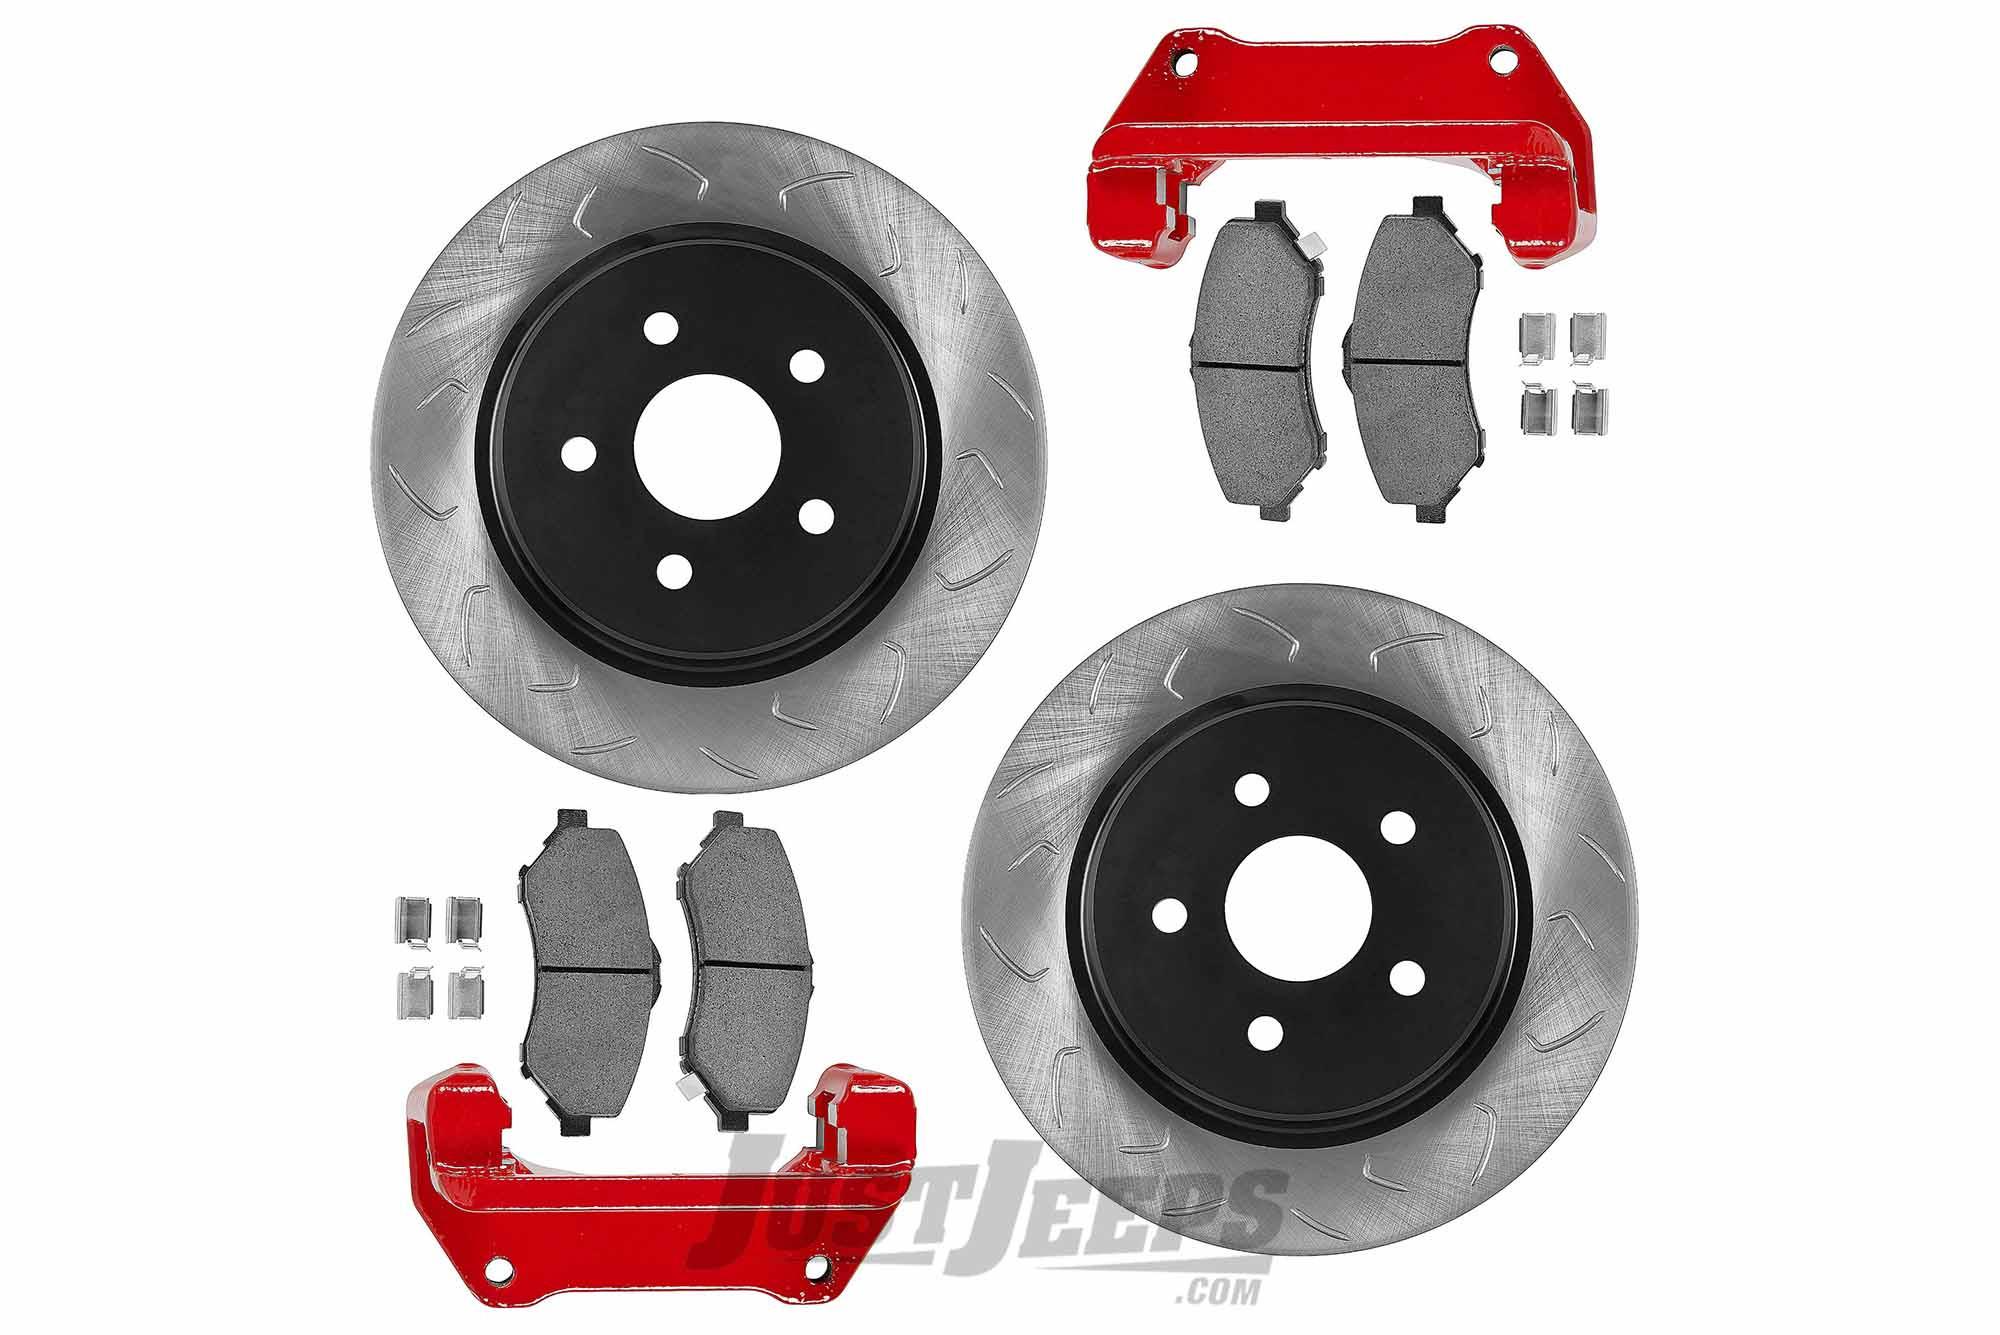 G2 Axle & Gear Front Big Disc Brake Kit For 2007-18 Jeep Wrangler JK 2 Door  & Unlimited 4 Door Models